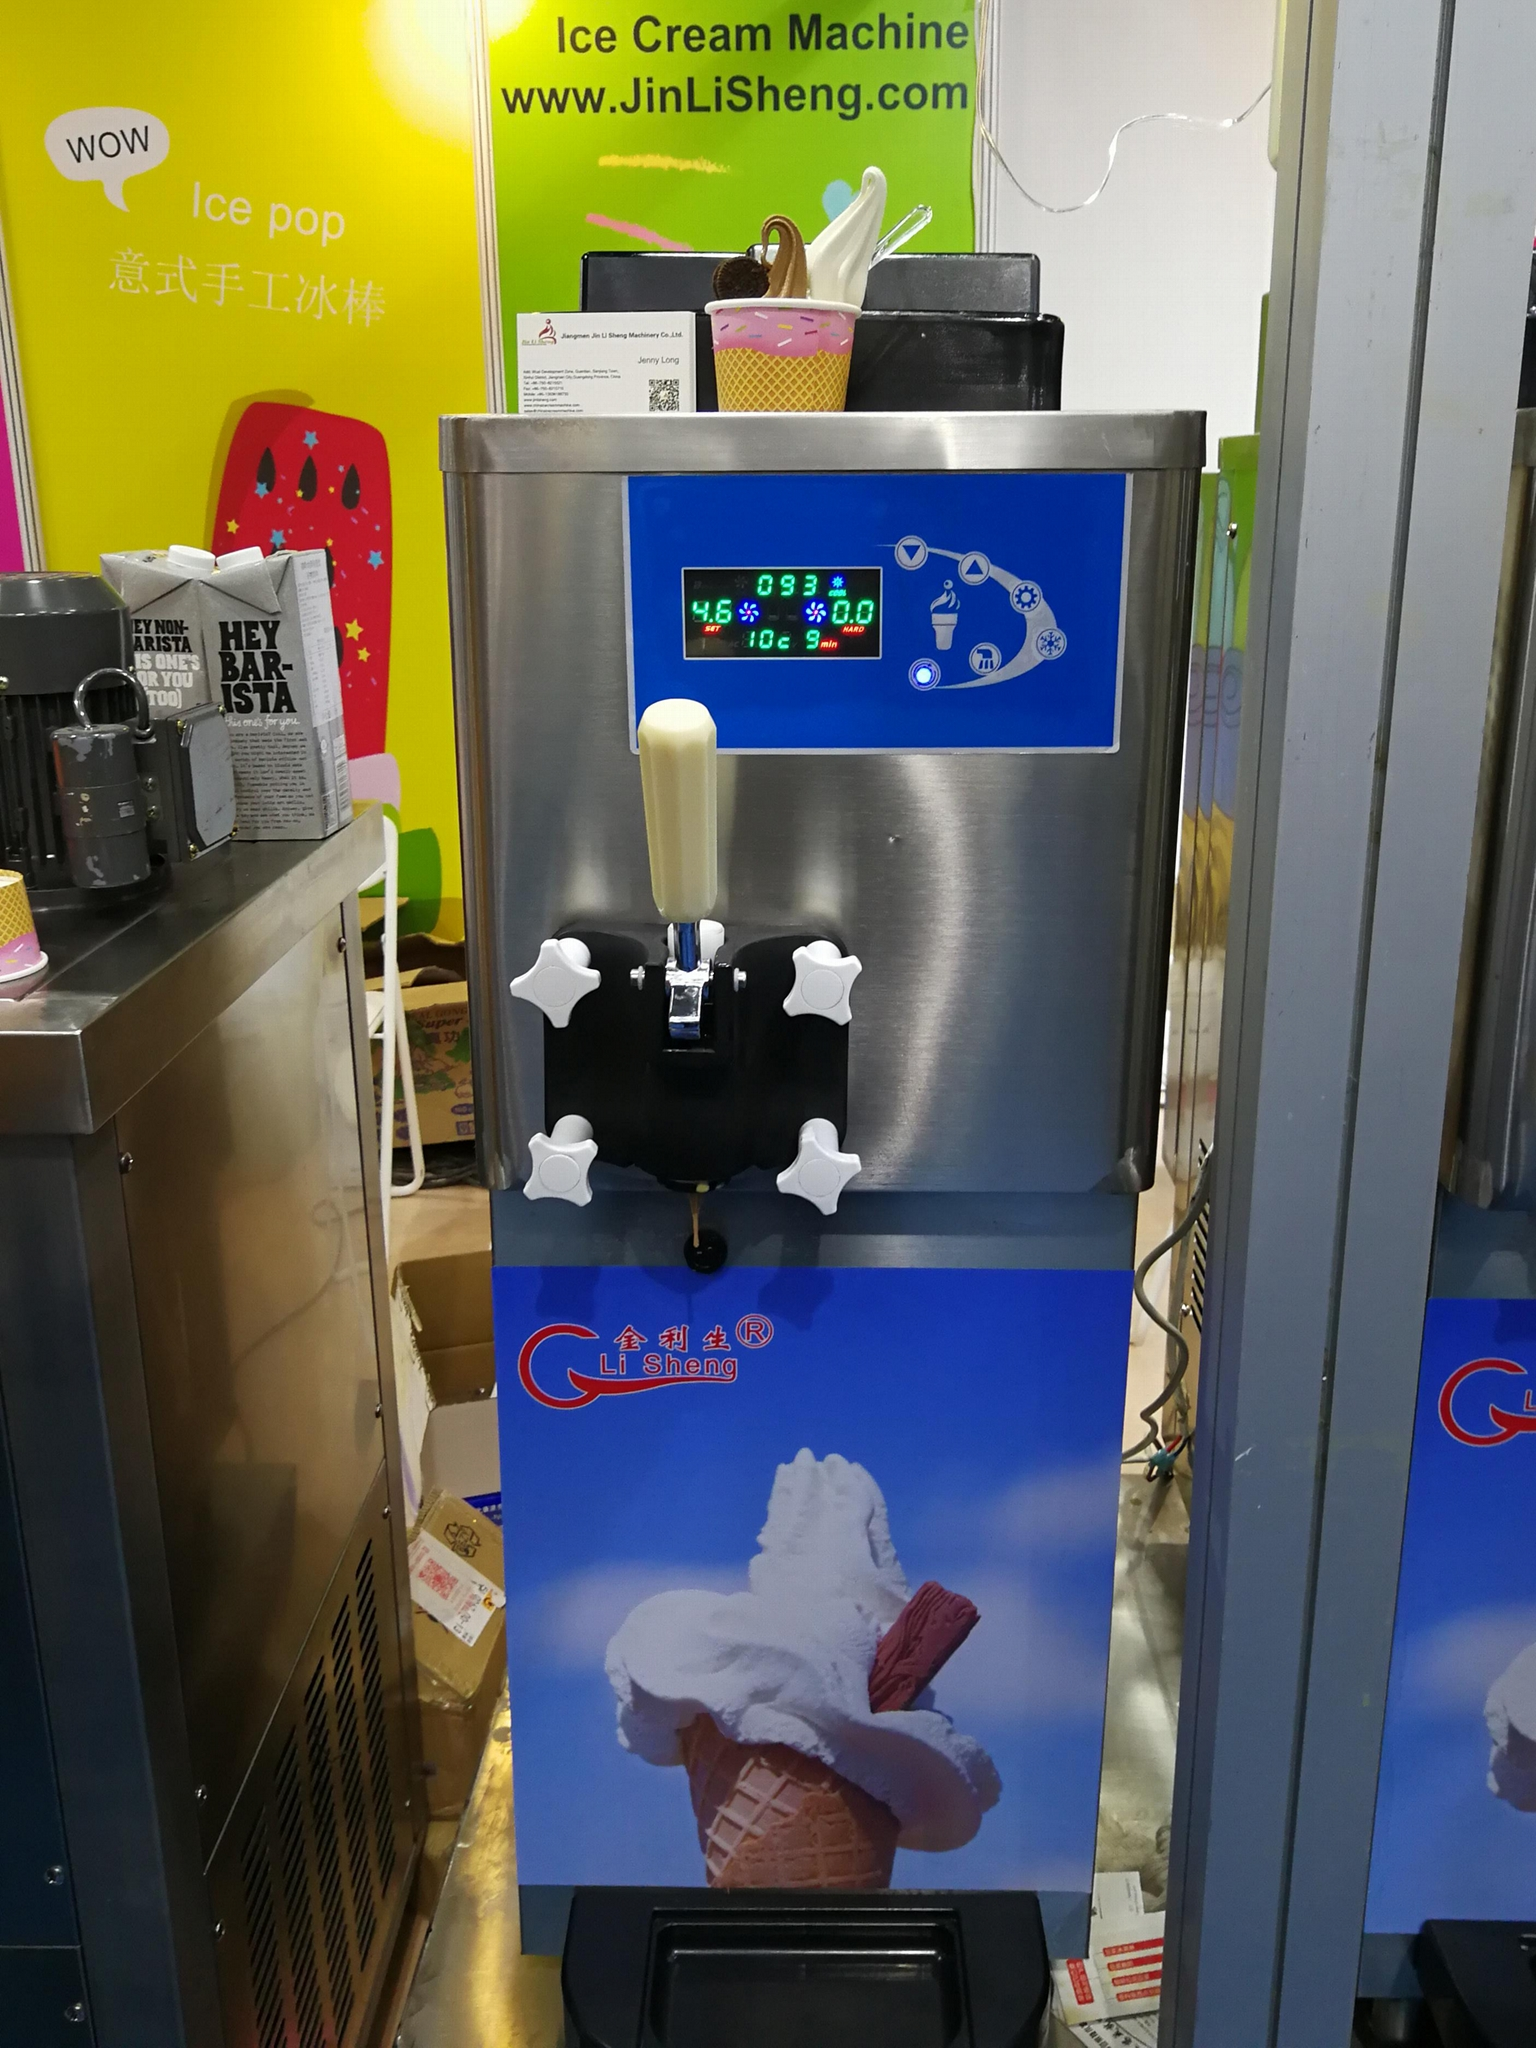 帶氣泵單頭甜筒雪糕機 小型臺式軟冰淇淋機器